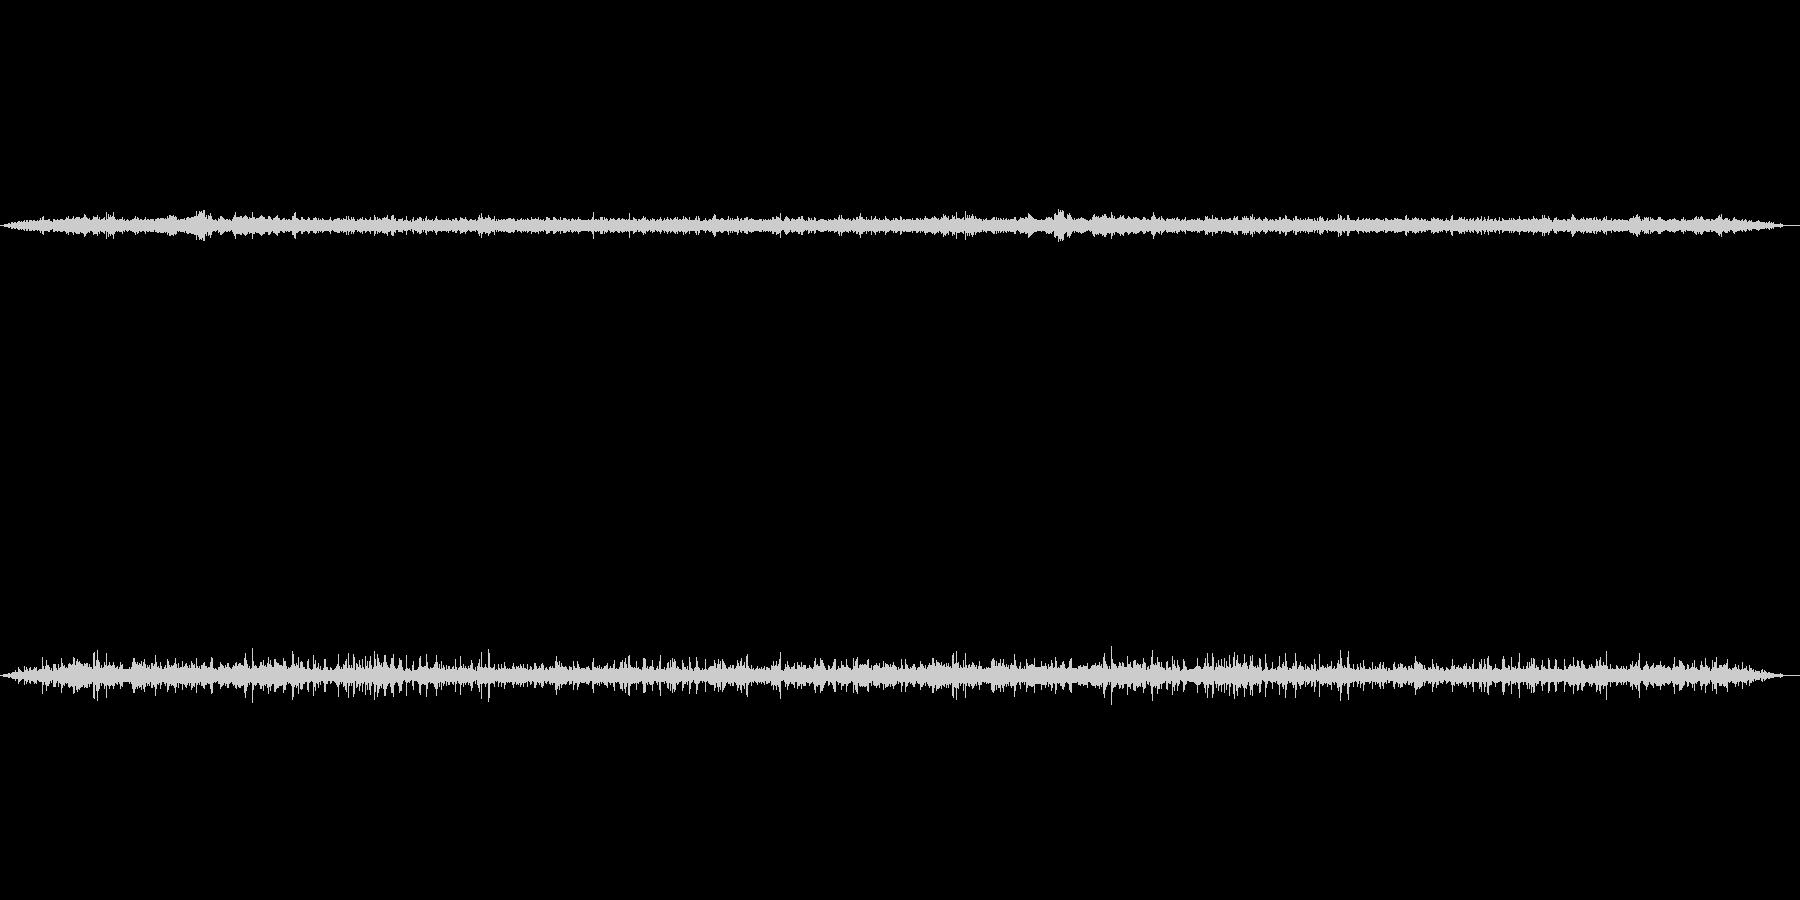 春の早朝の音を2つの録音方式で収音して…の未再生の波形